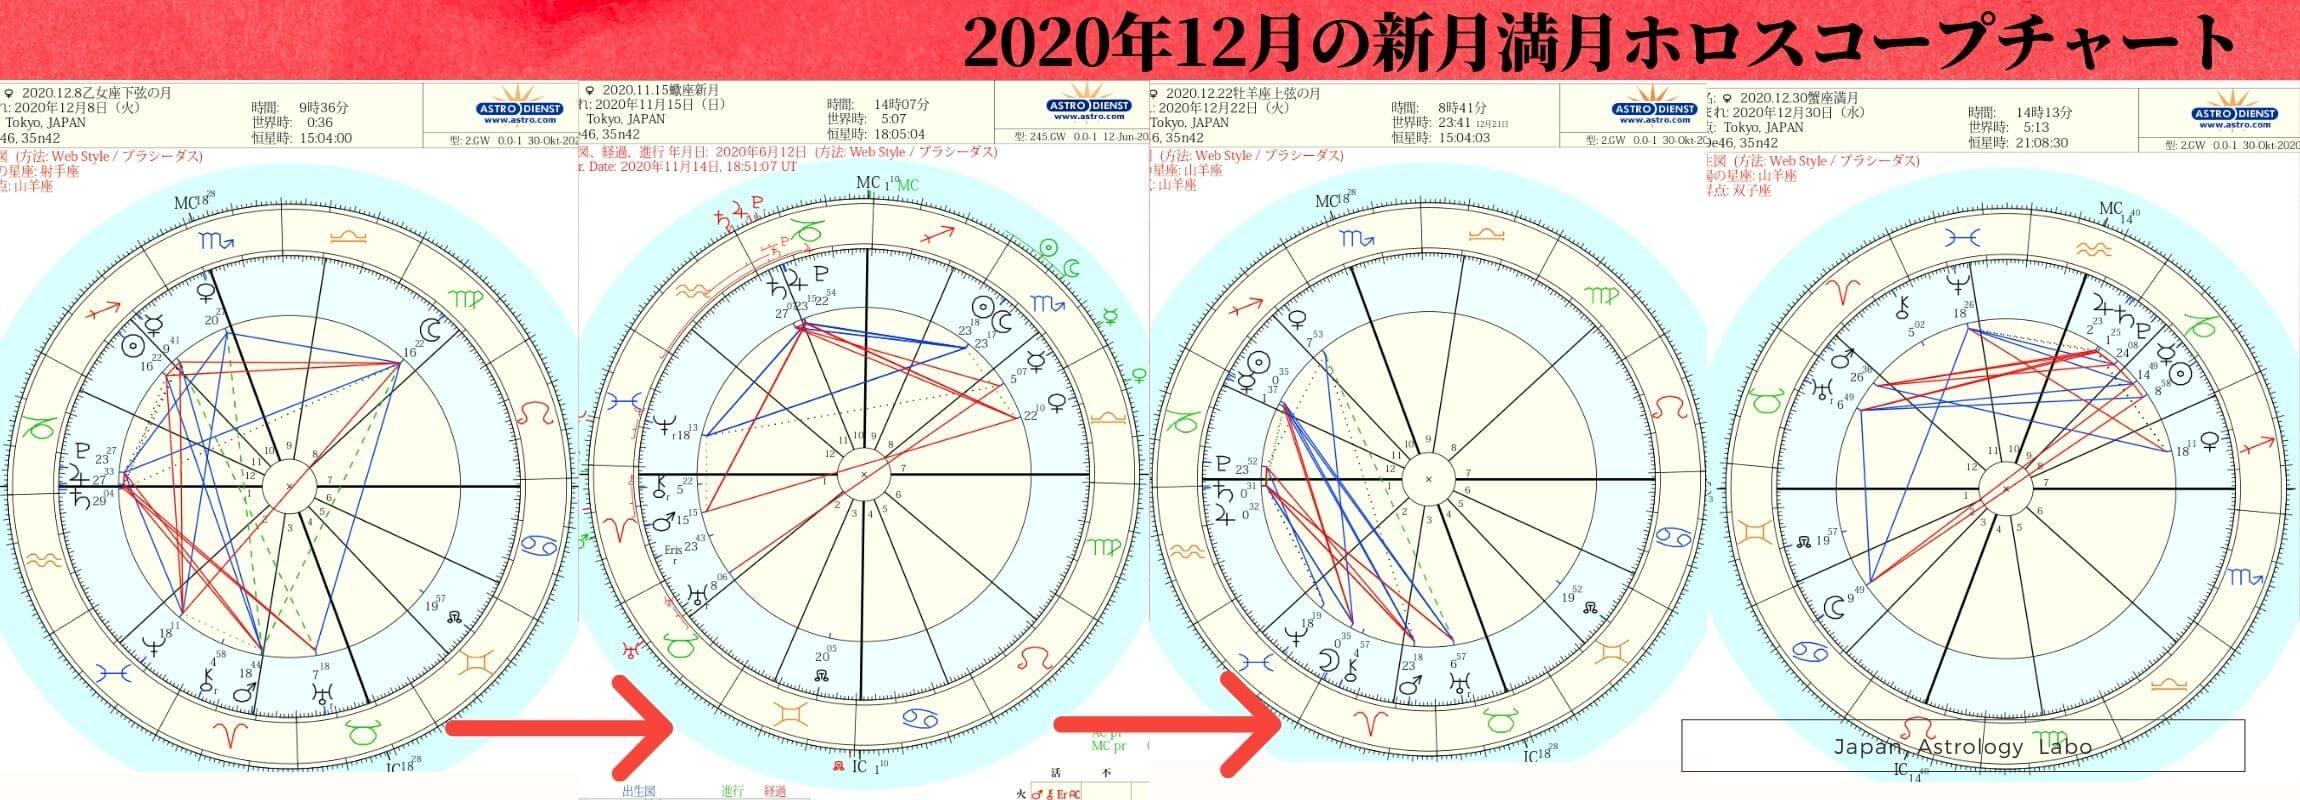 12月の新月満月ホロスコープチャート